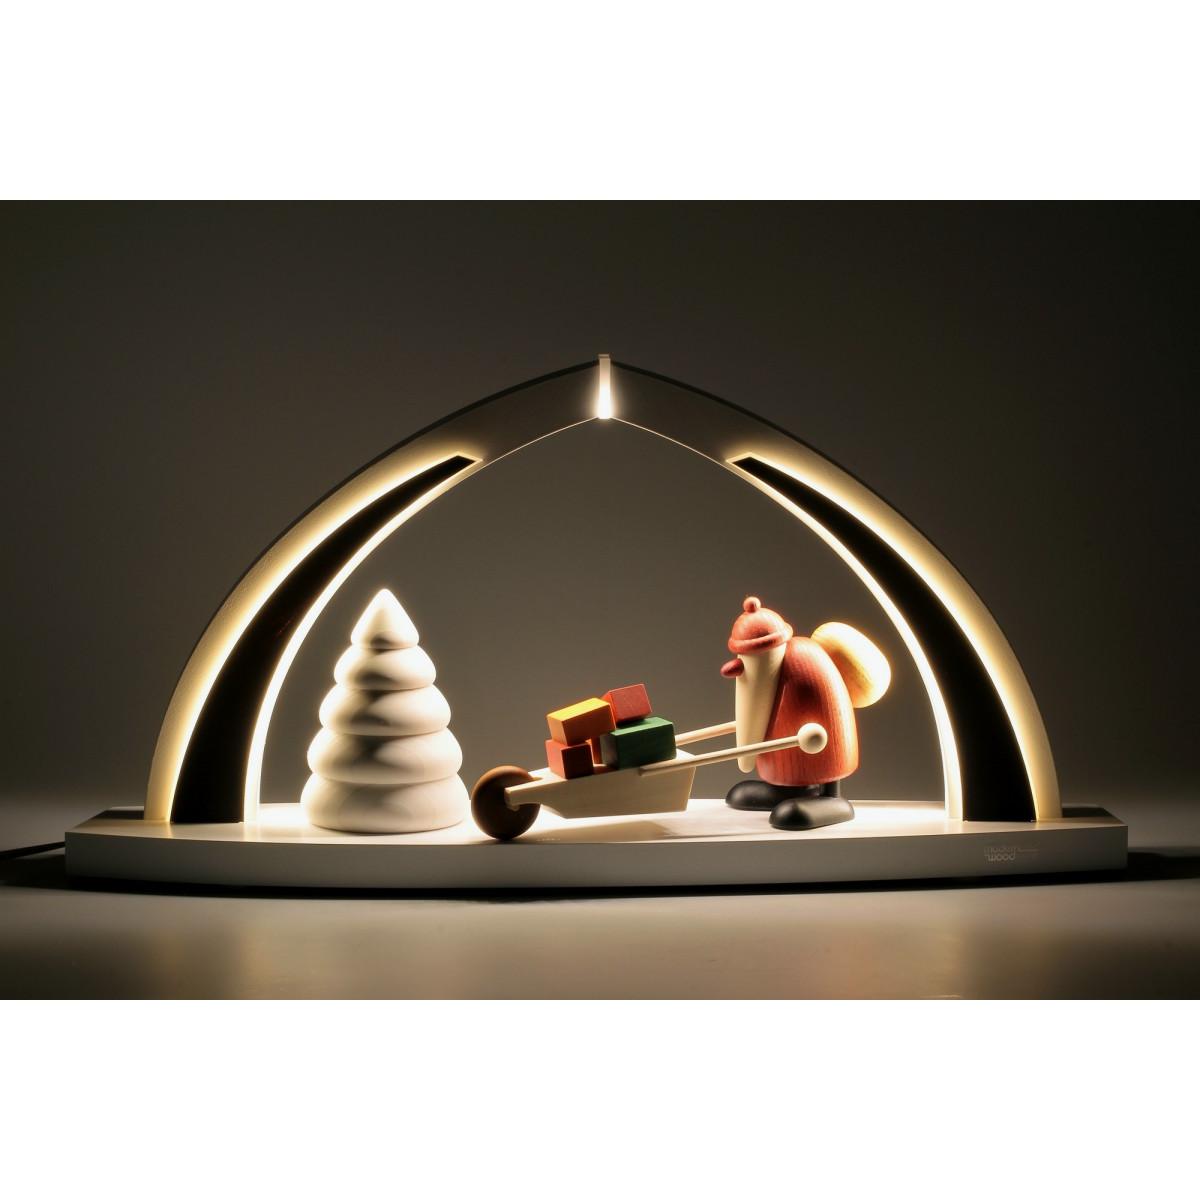 led schwibbogen mit bjoern k hler weihnachtsmann mit geschenken erzgebirgskunst drechsel. Black Bedroom Furniture Sets. Home Design Ideas